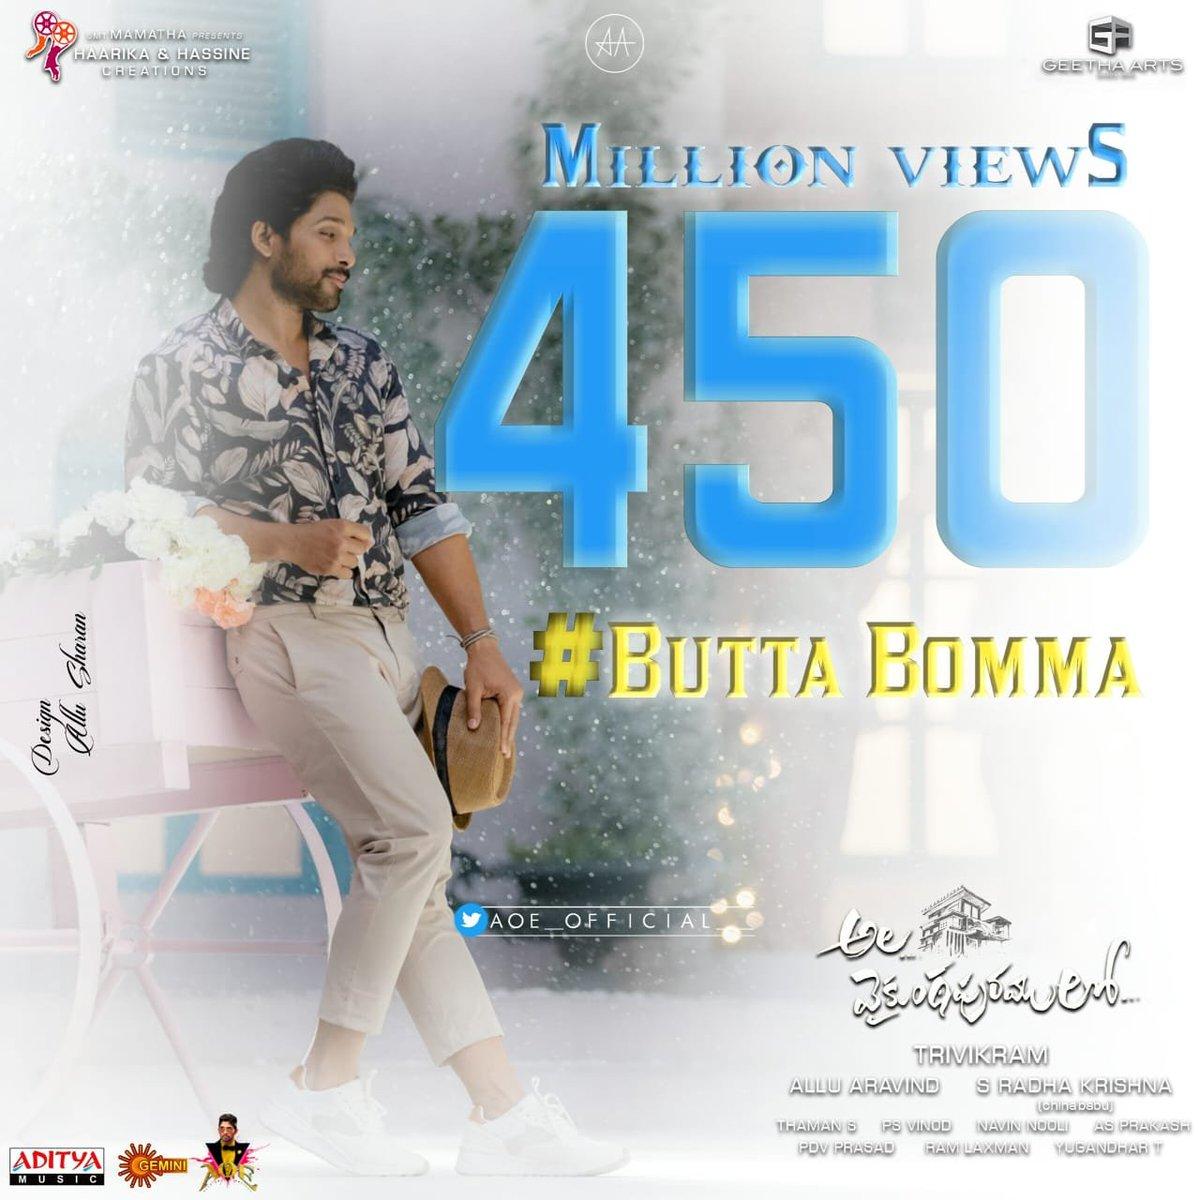 Unstoppable It's 450 Million + Views for #ButtaBomma   @AlluArjunHCF @TrendsAlluArjun @poojahegdeHCF @poojahegde345 @poojaholics